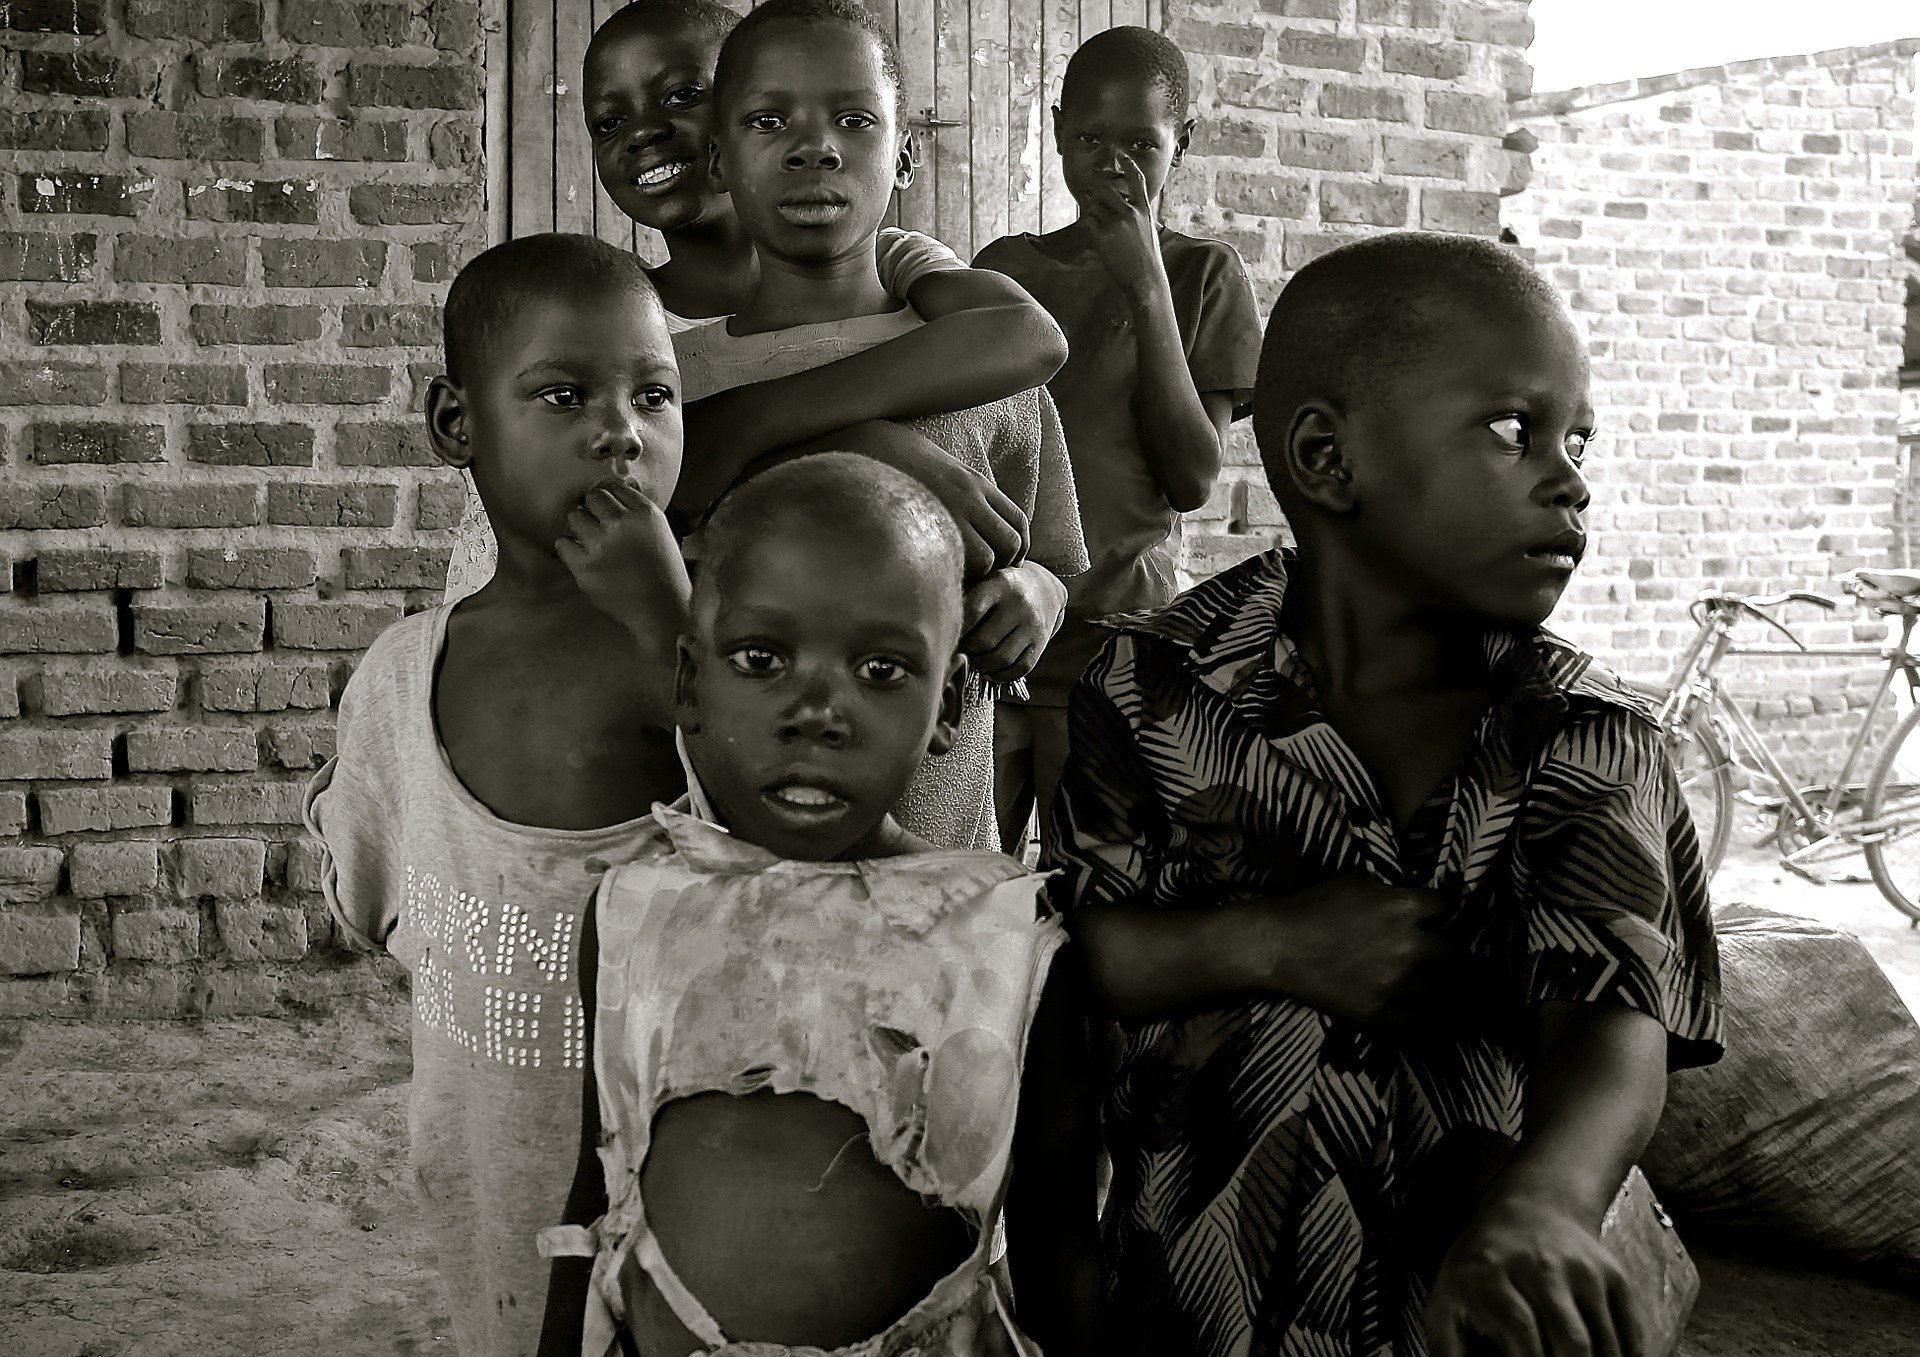 Auswirkungen der Corona-Pandemie auf den Globalen Süden, Fördermittelgewinnung für Projekte der Entwicklungszusammenarbeit in Zusammenhang mit der Corona-Krise